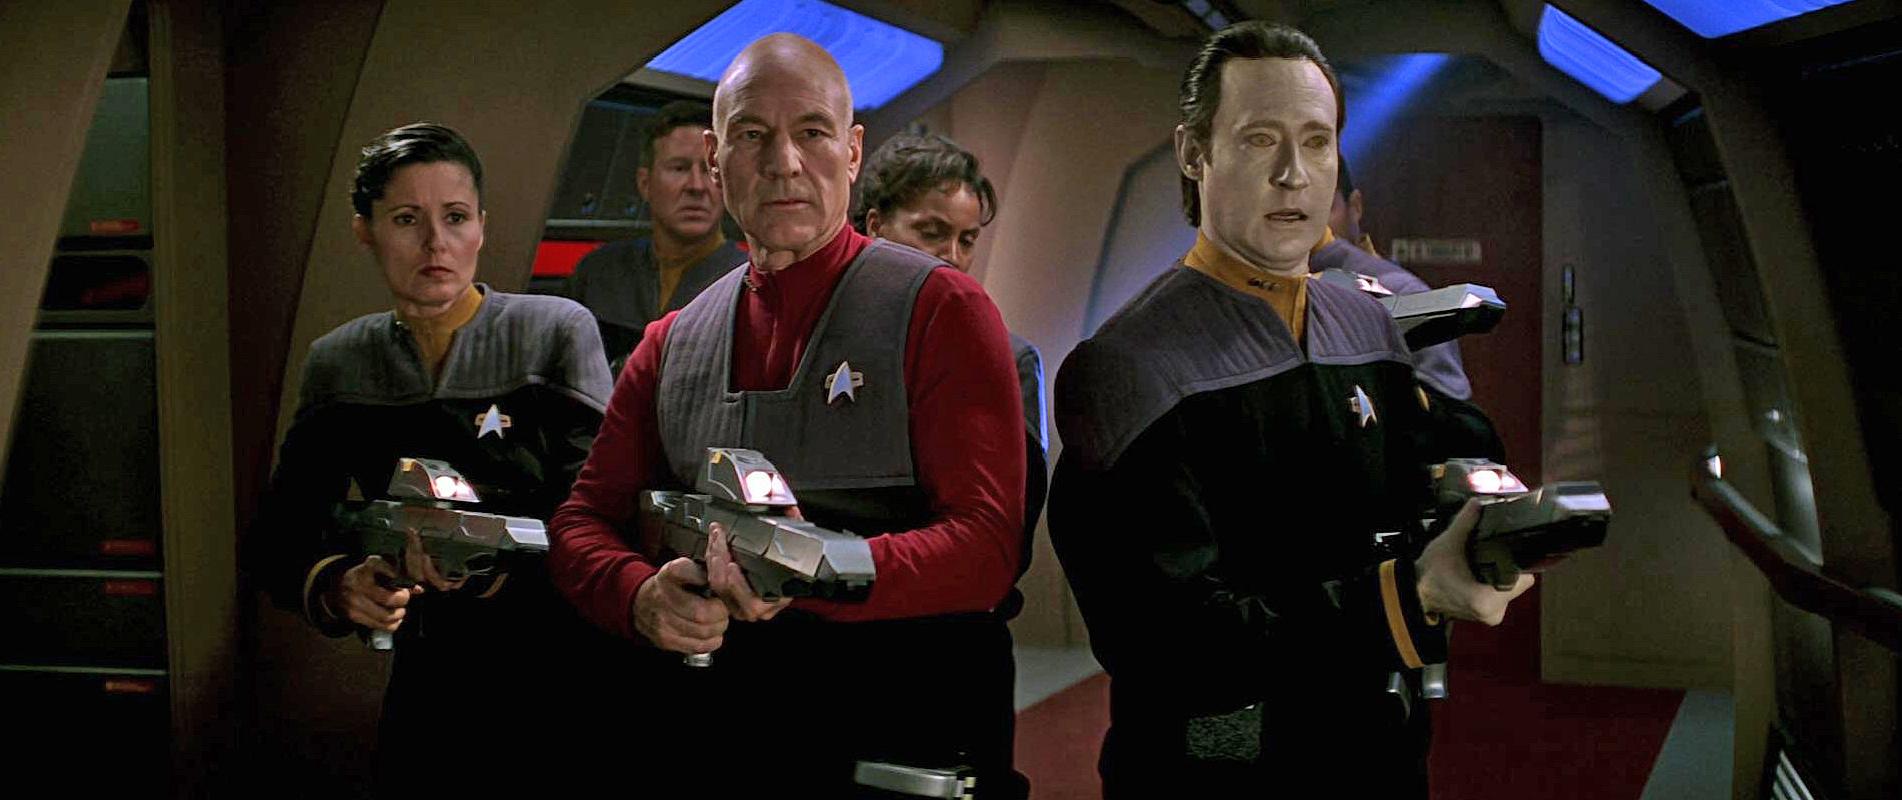 Star Trek: Kapcsolatfelvétel - Hogy került az Ezeréves Sólyom egy Star Trek-filmbe?